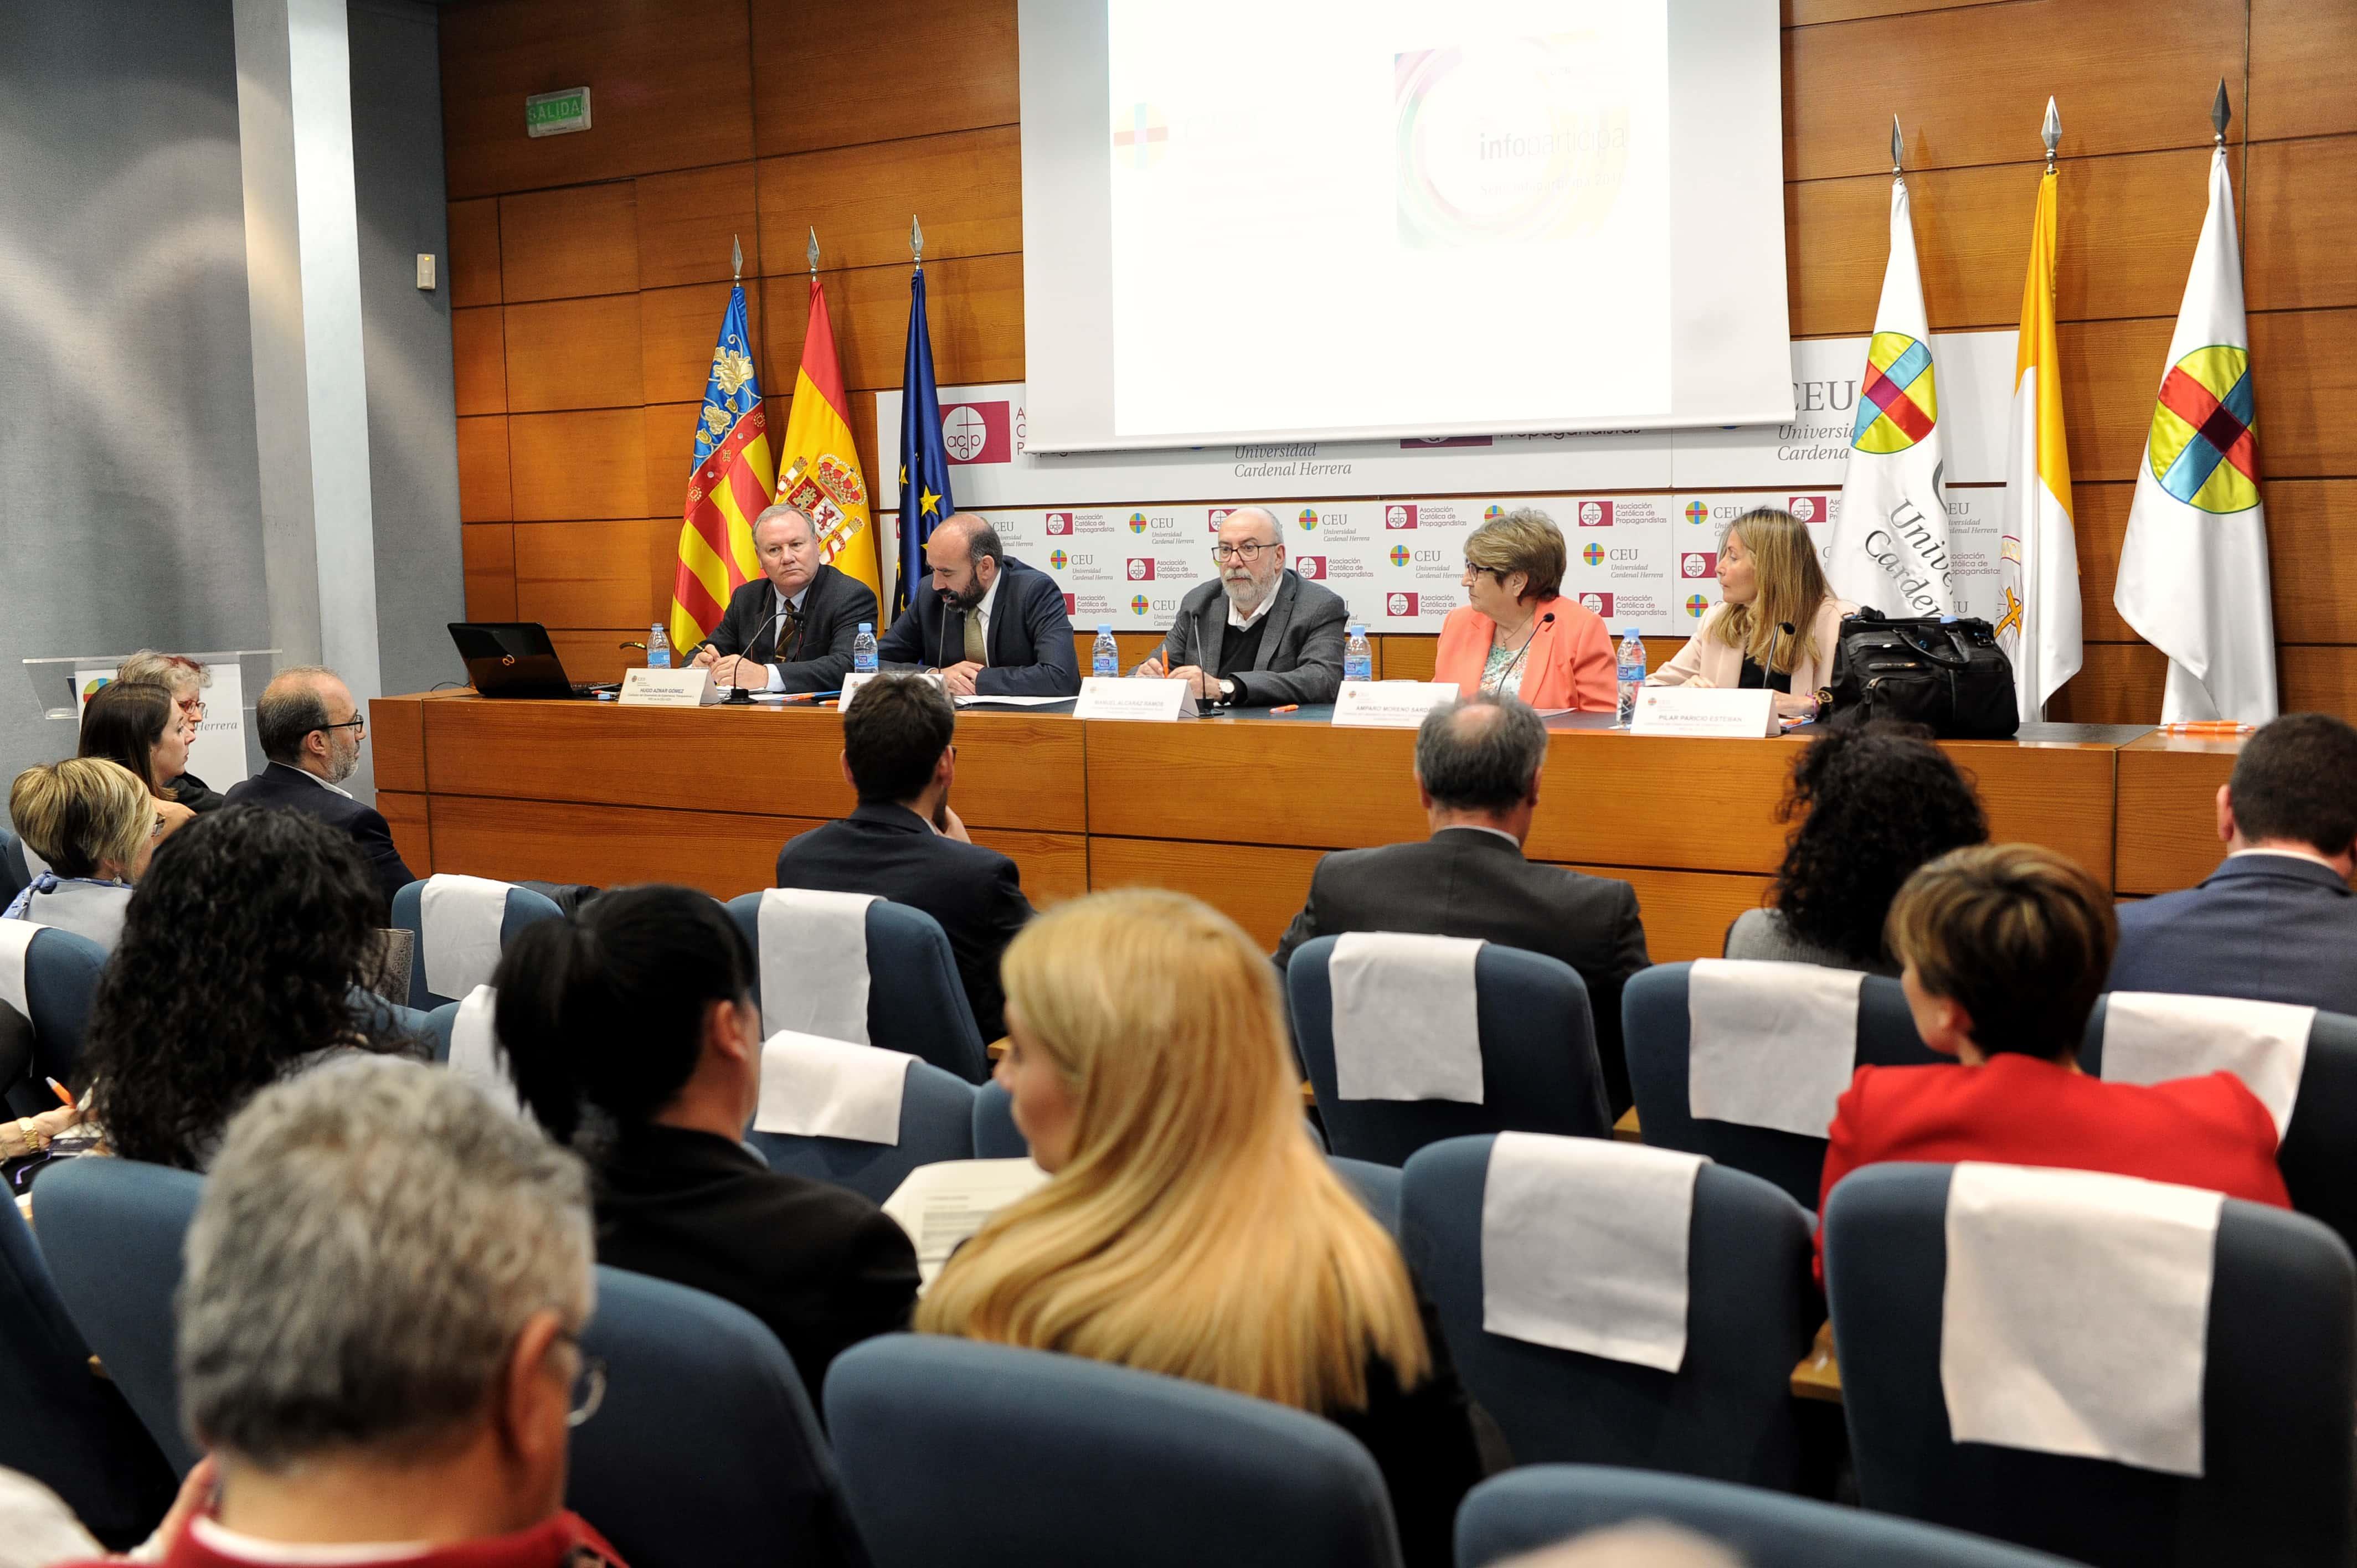 la-ceu-uch-y-la-autnoma-de-barcelona-premian-a-los-ayuntamientos-de-valencia-alzira-elche-y-castelln-por-la-transparencia-de-sus-webs-municipales_47592123931_o